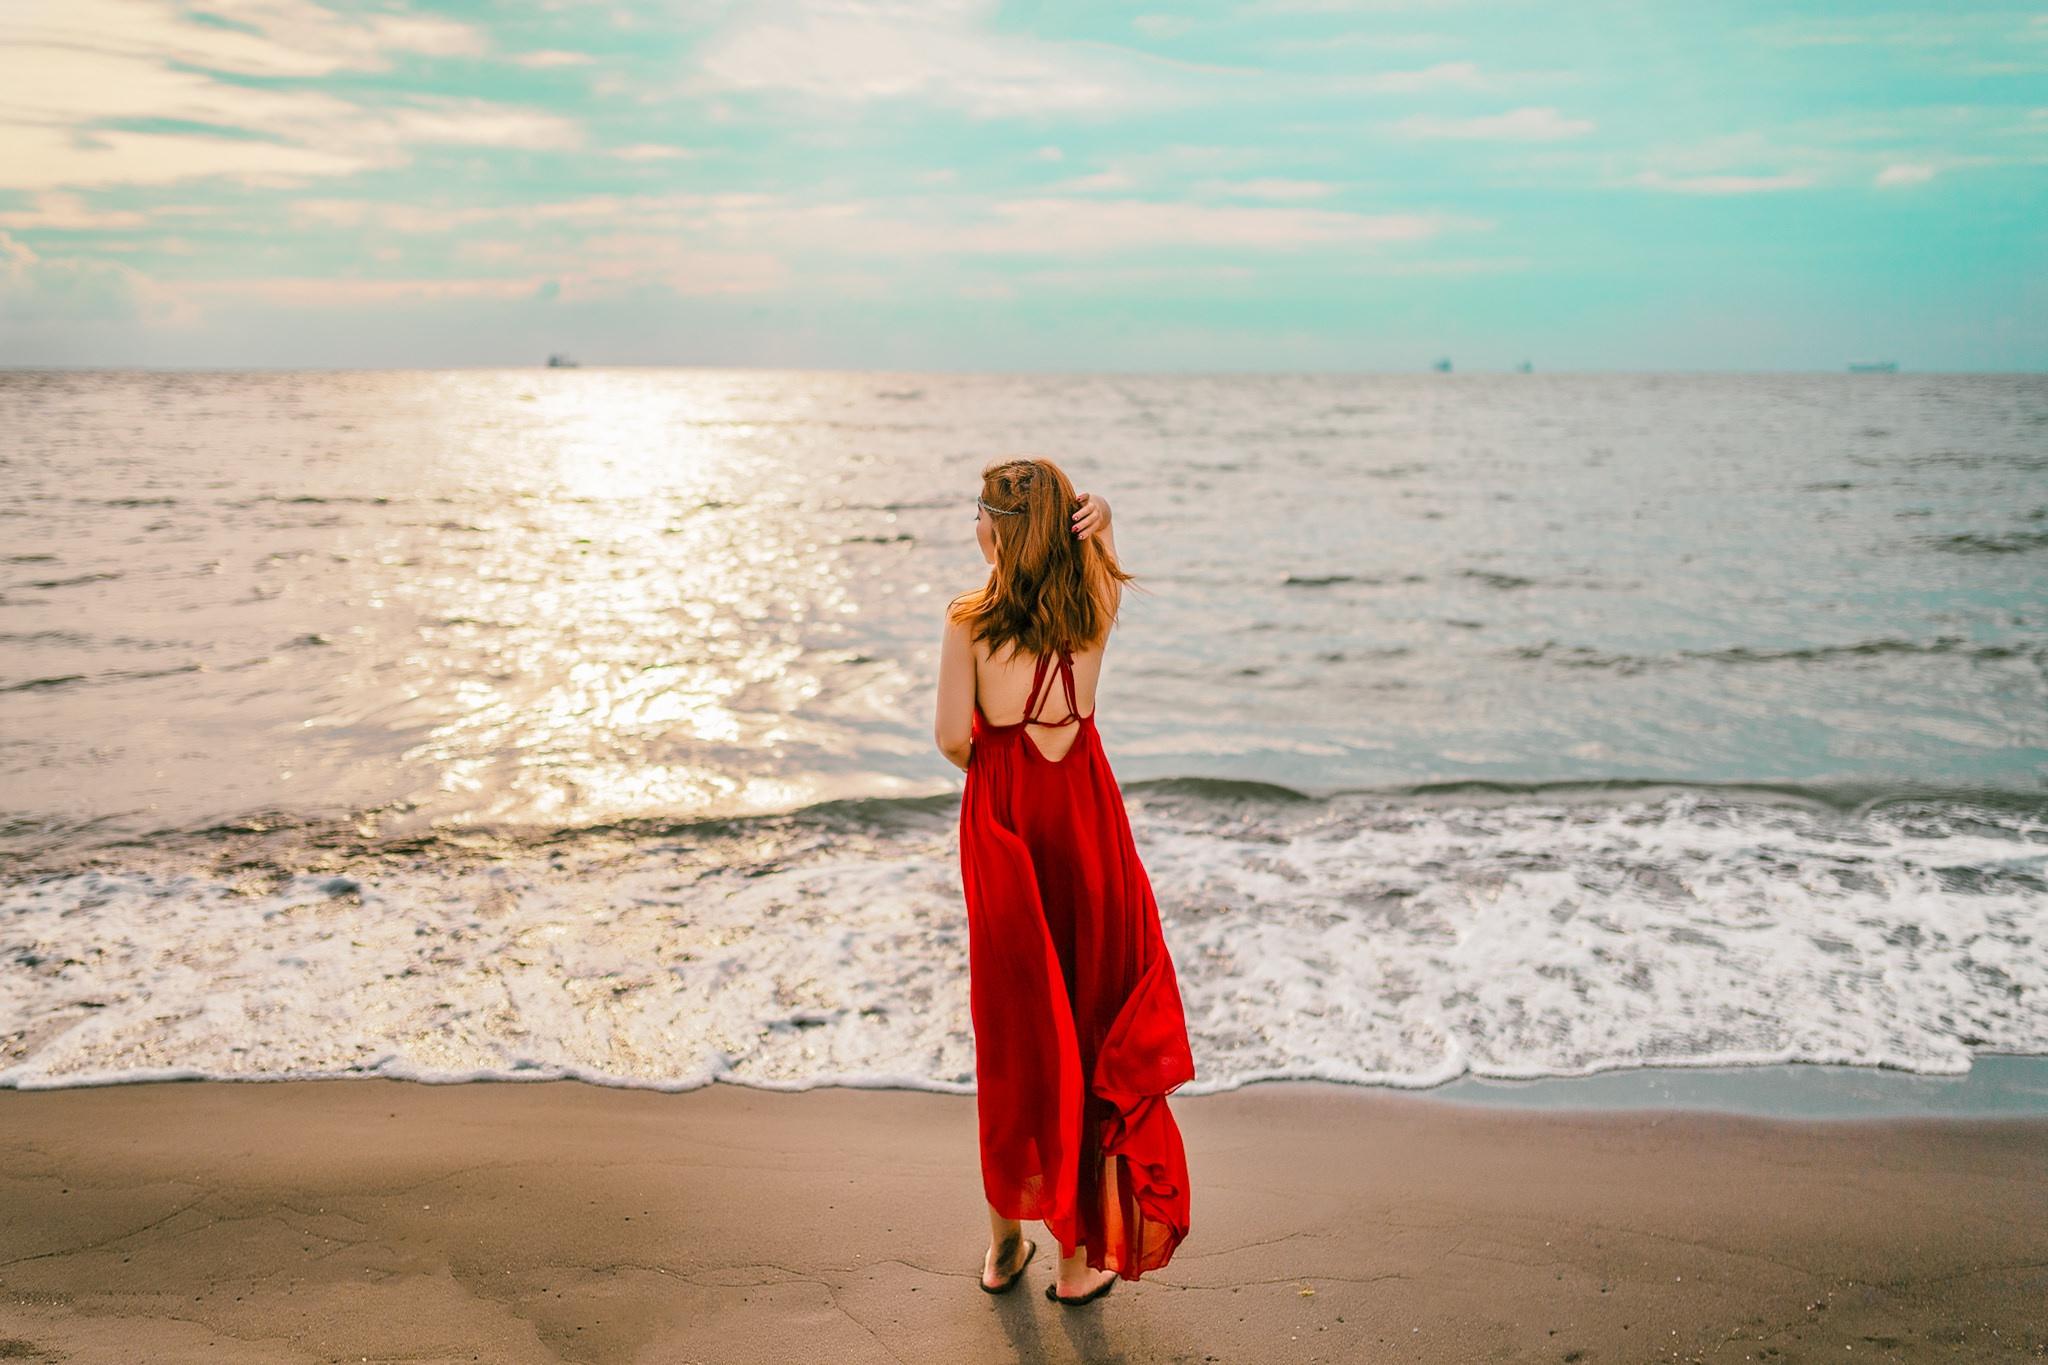 красные платья у моря фото отличен был всех